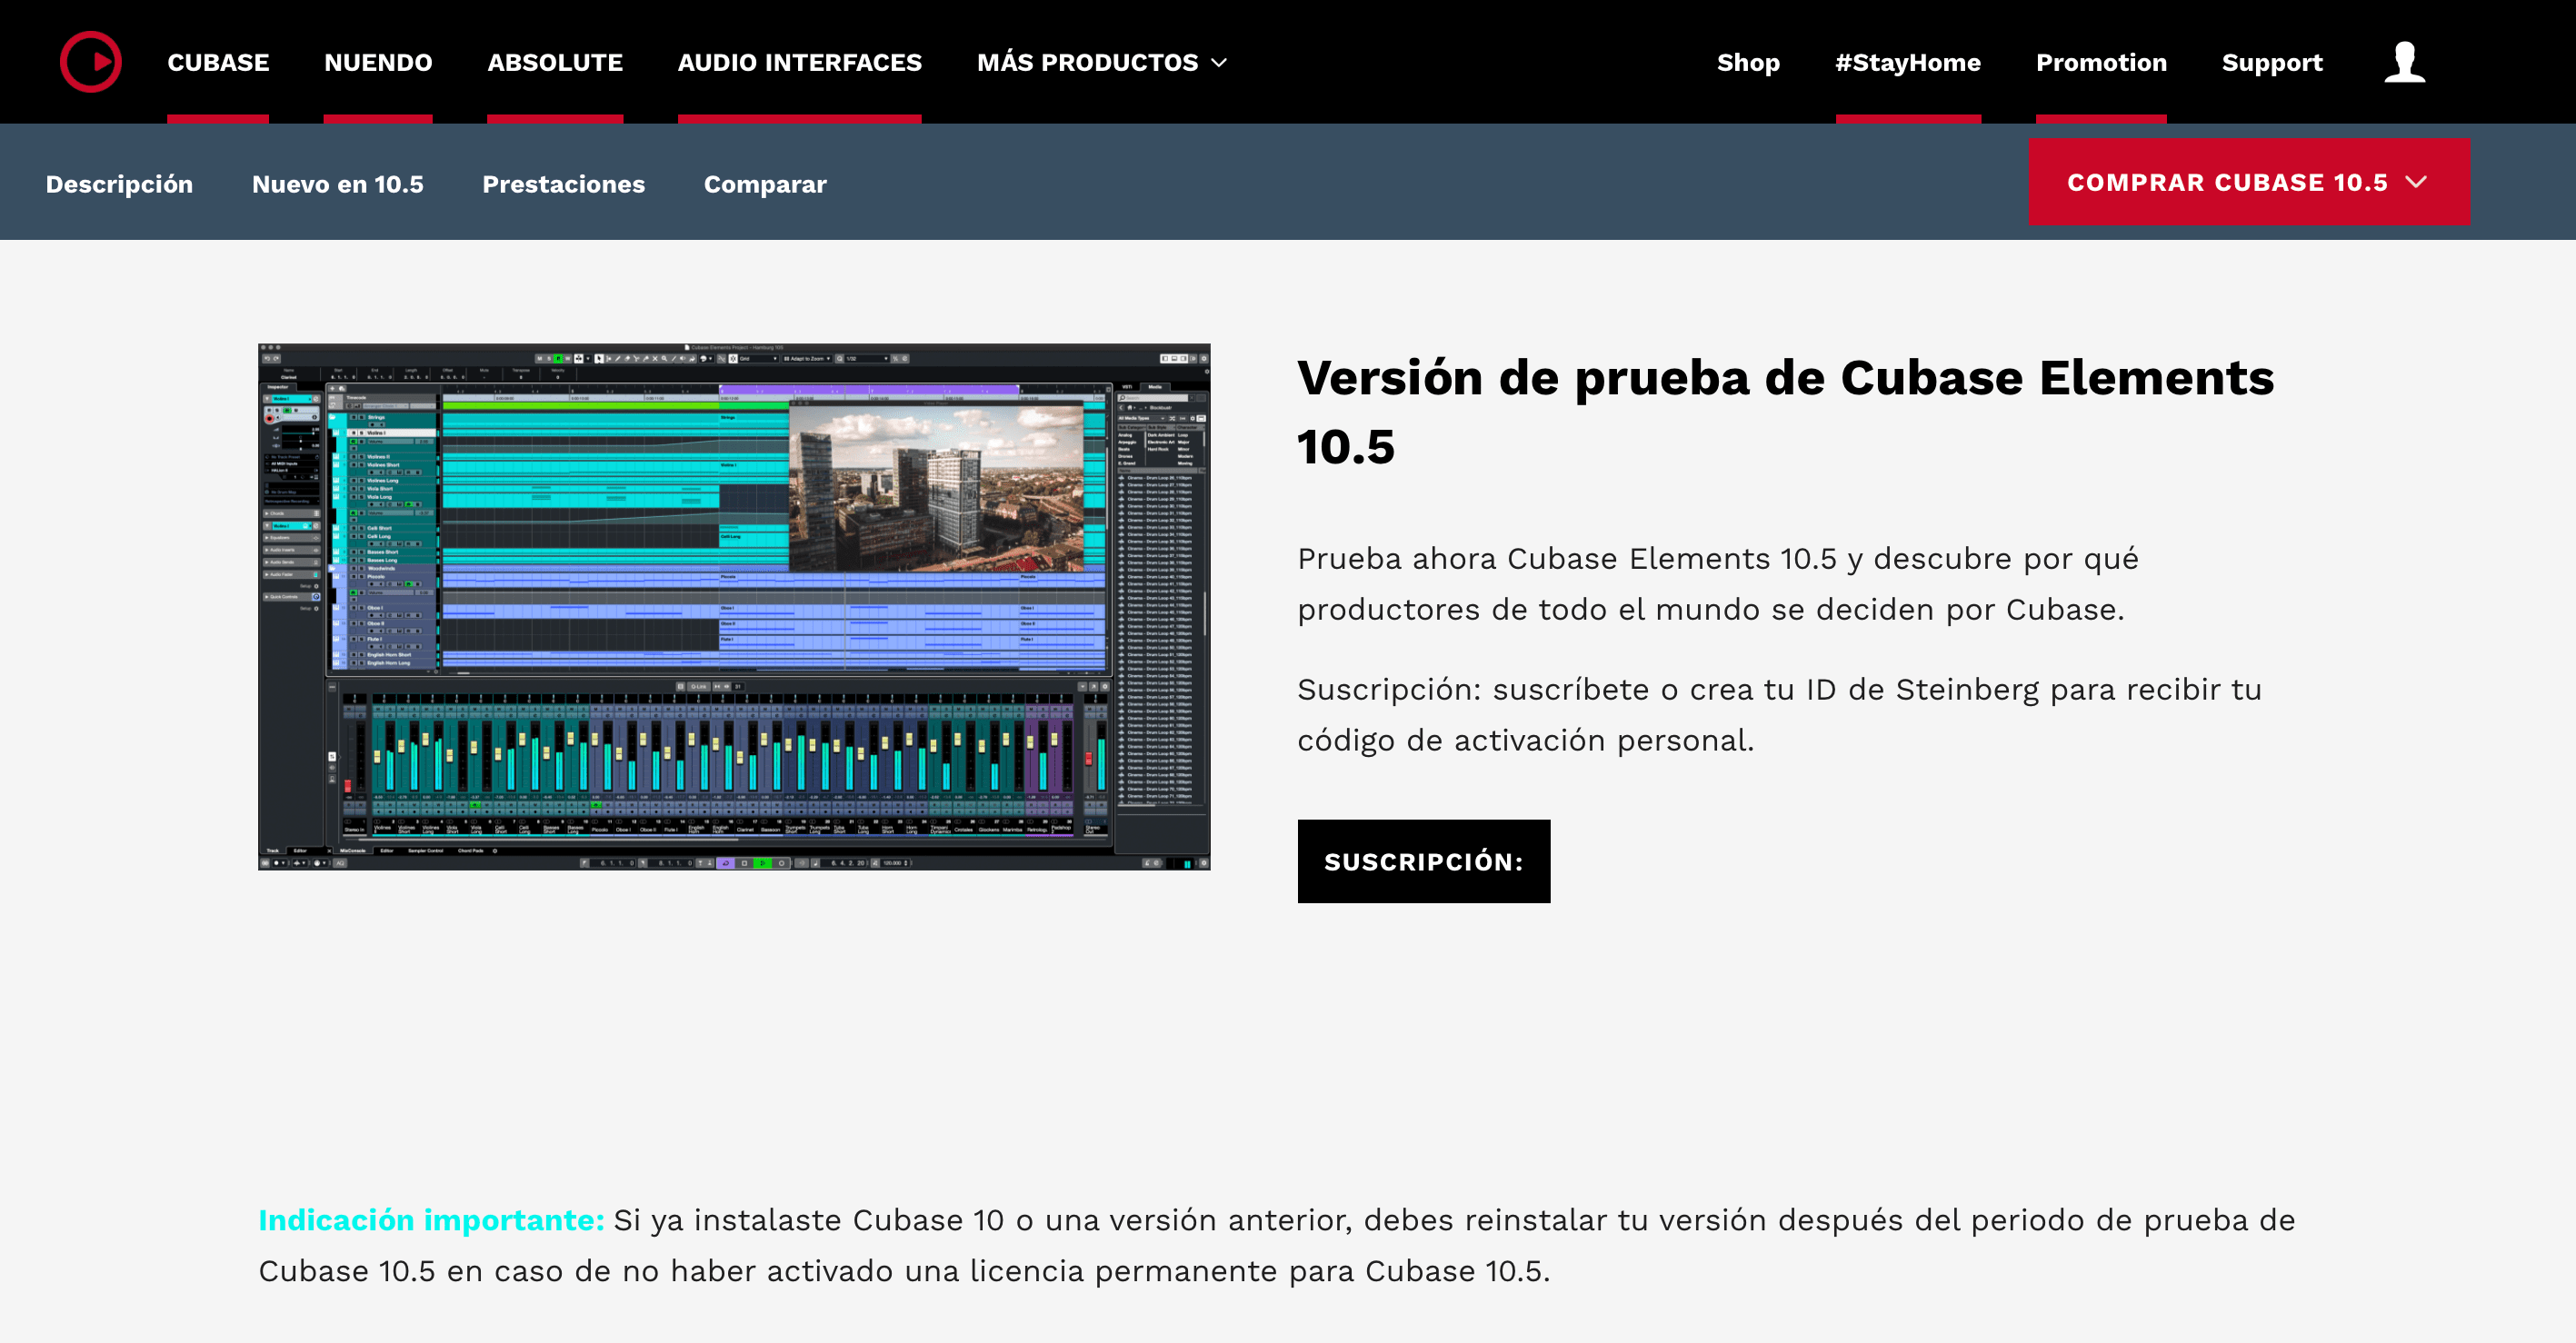 Descargar Cubase 10.5 gratis - versión de prueba